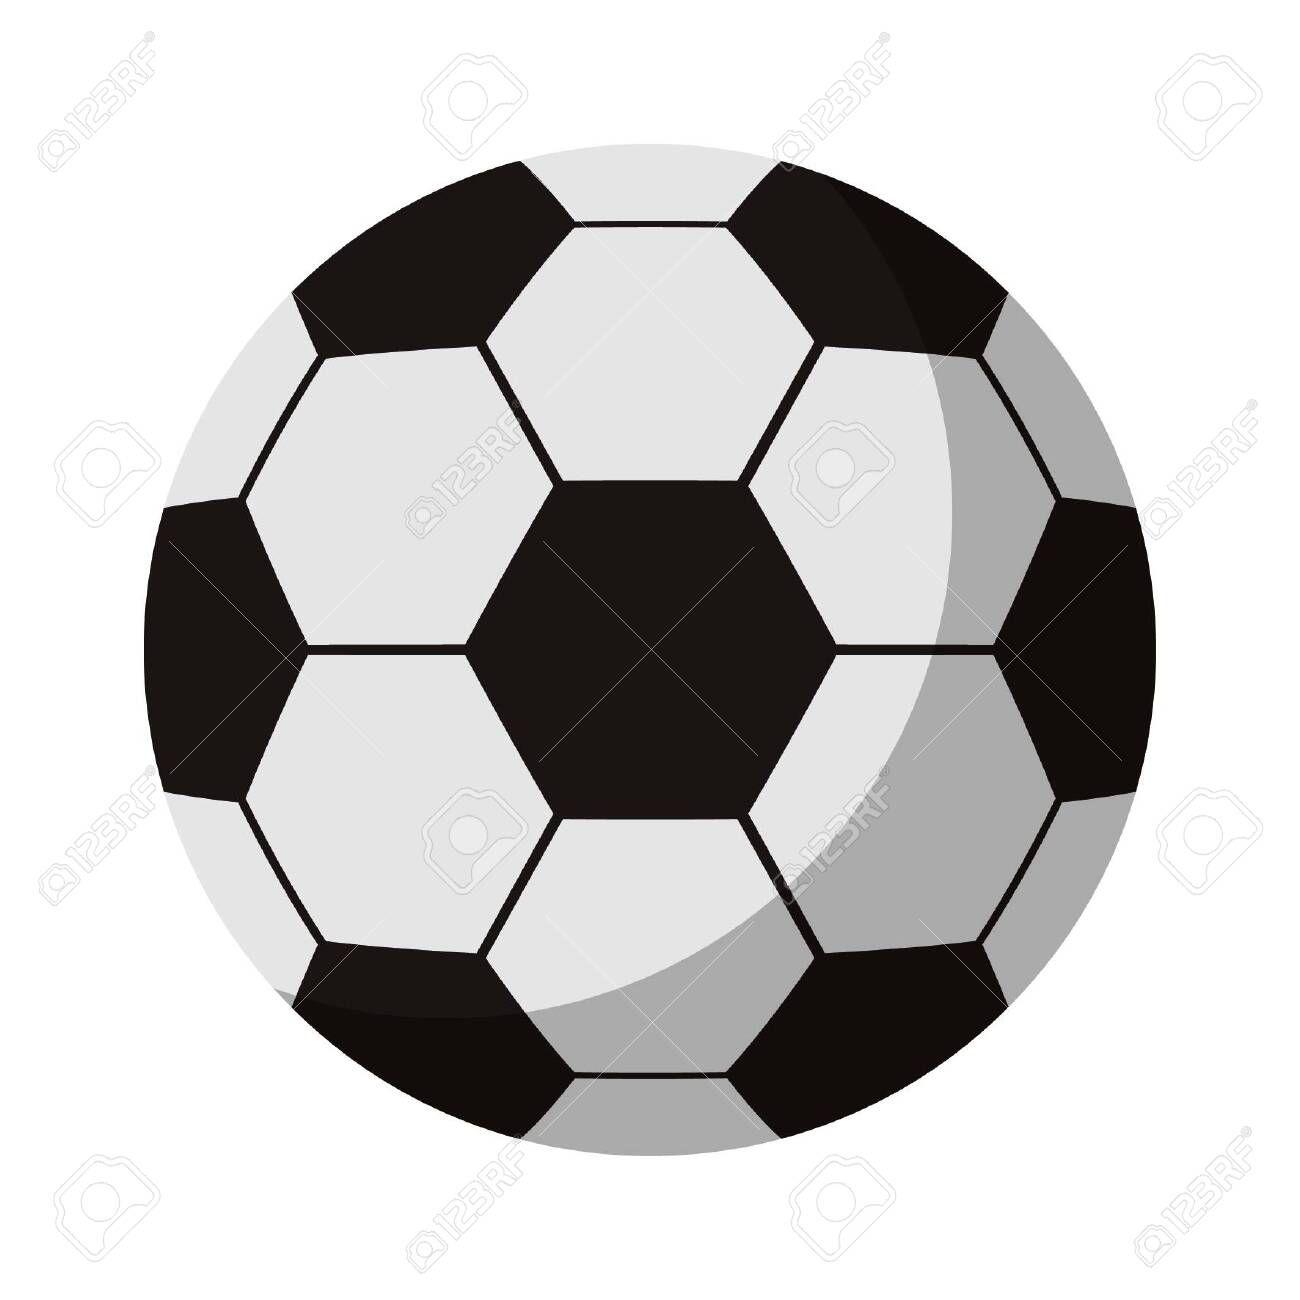 Soccer Ball Sport Cartoon Vector Illustration Graphic Design Ad Sport Cartoon Soccer Ball Graphic Vector Illustration Design Soccer Ball Soccer